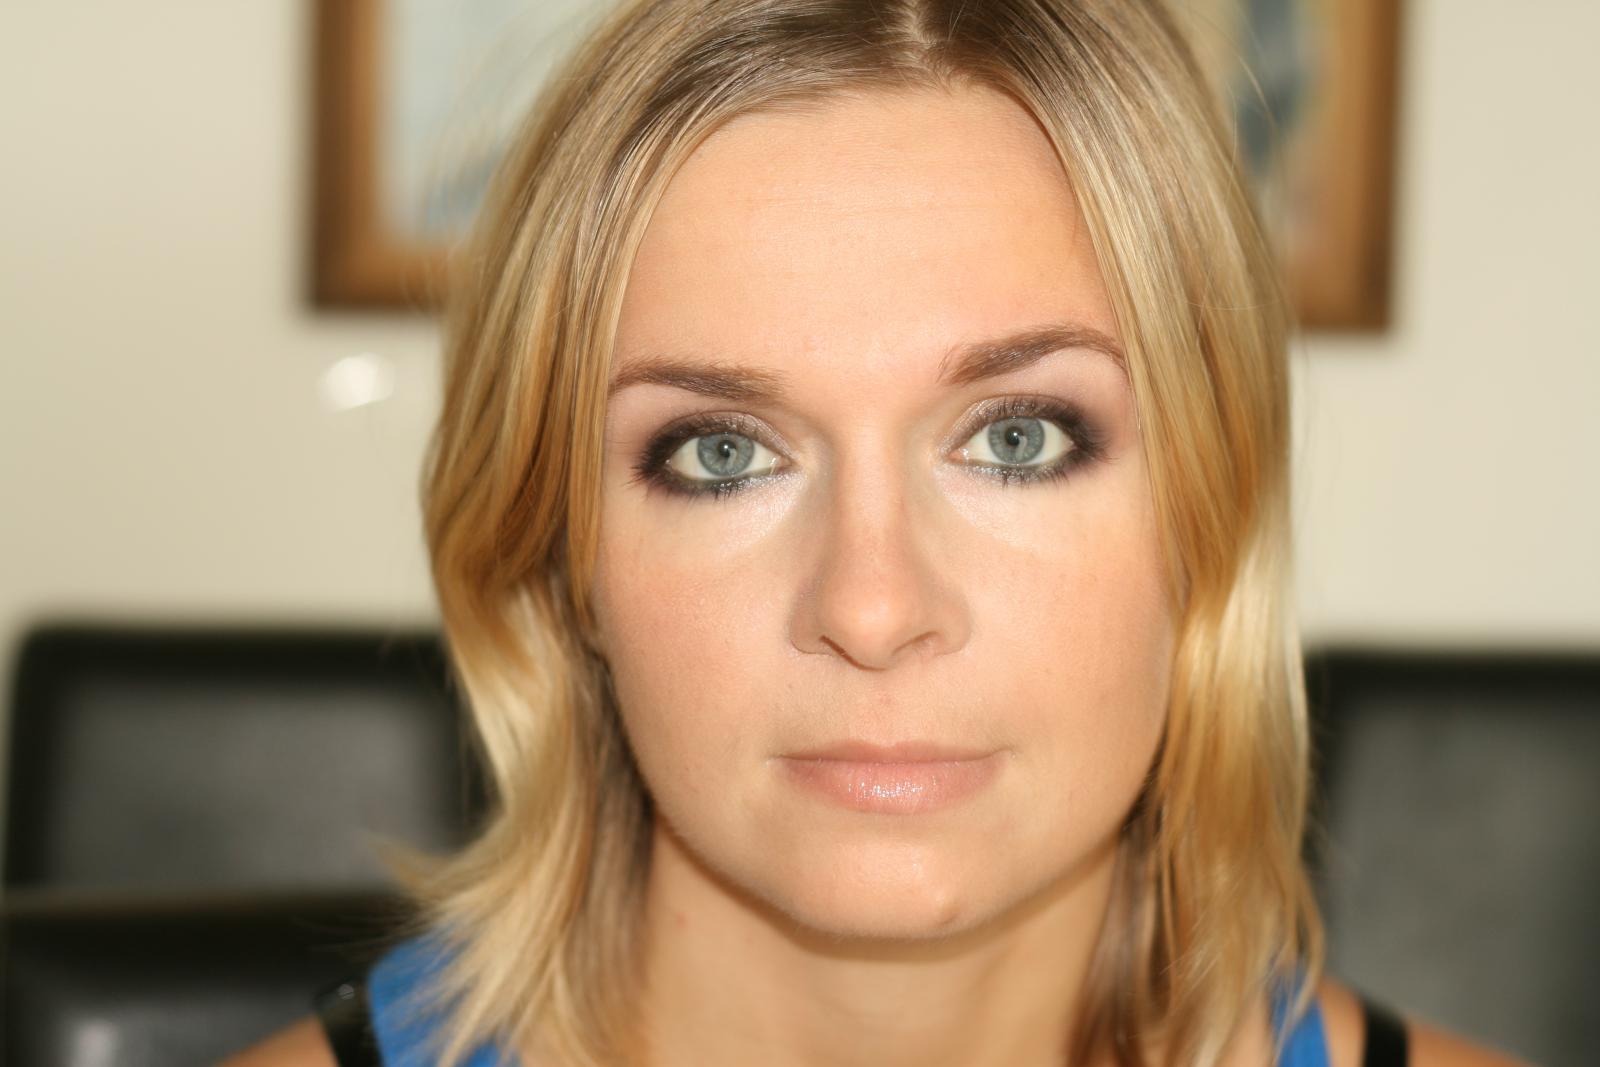 Natallia Volchik